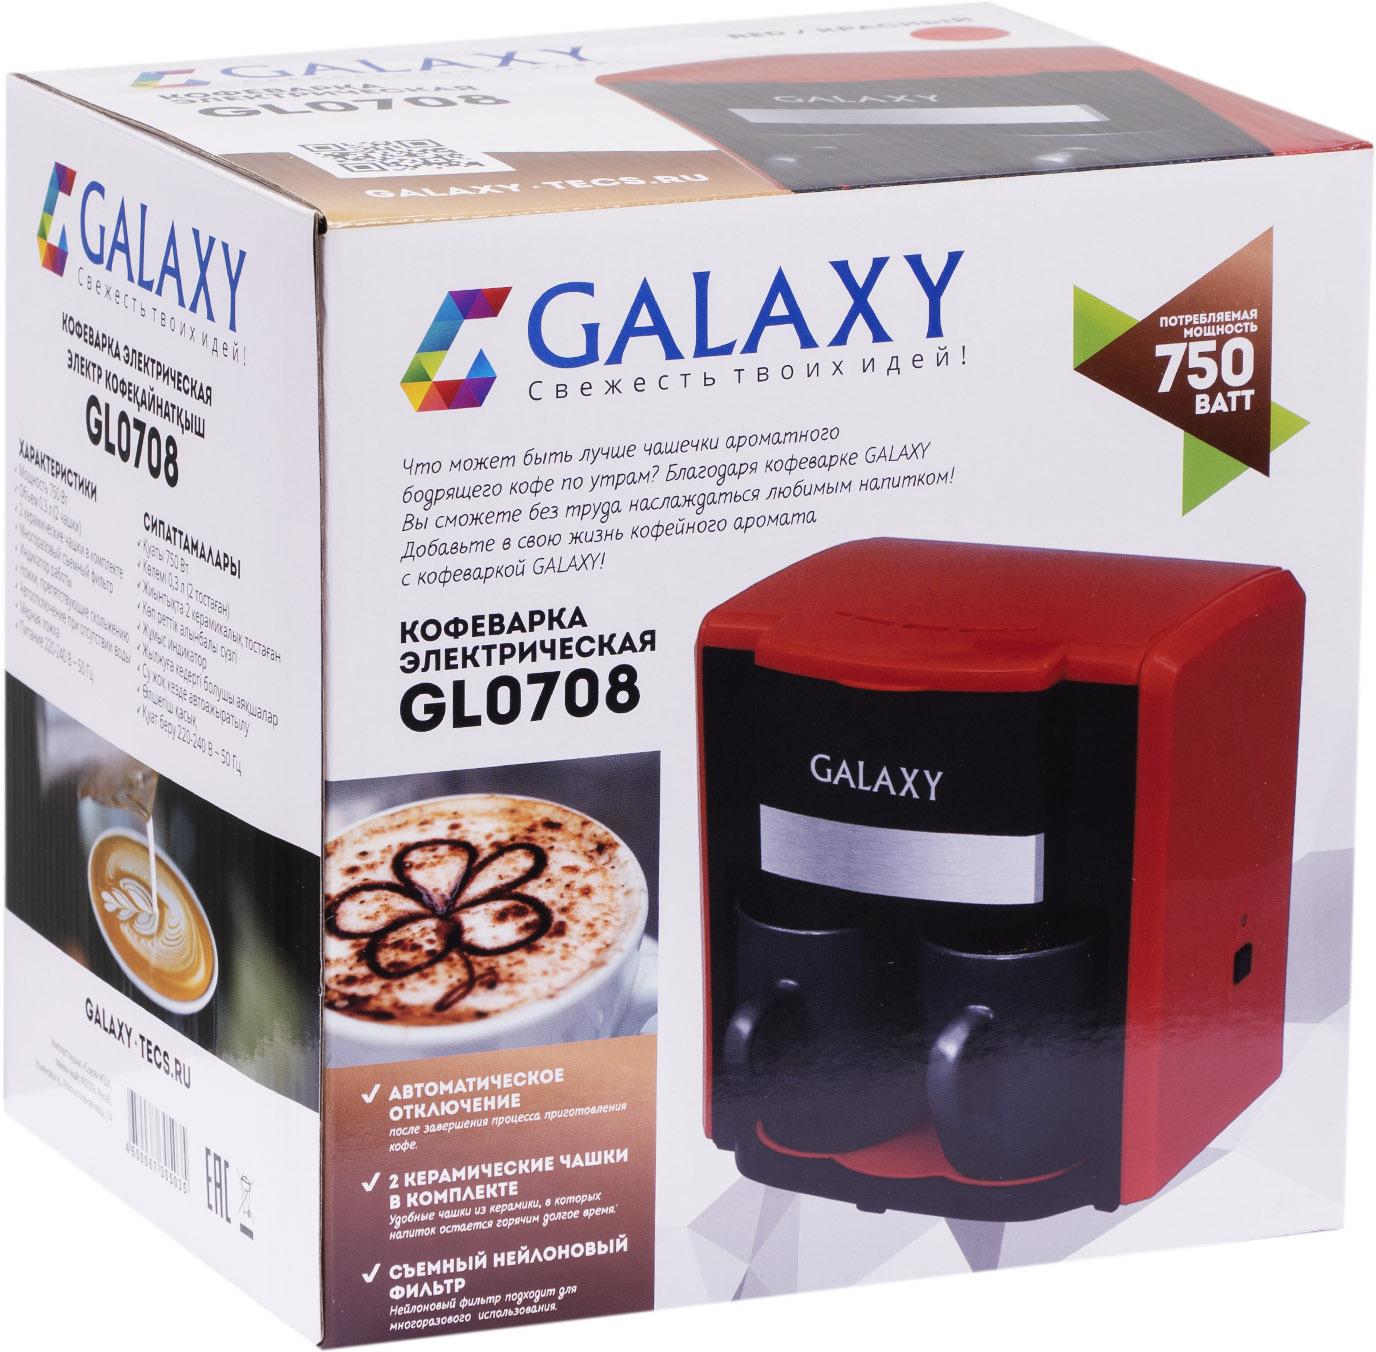 Кофеварка Galaxy GL 0708, красный, черный Galaxy